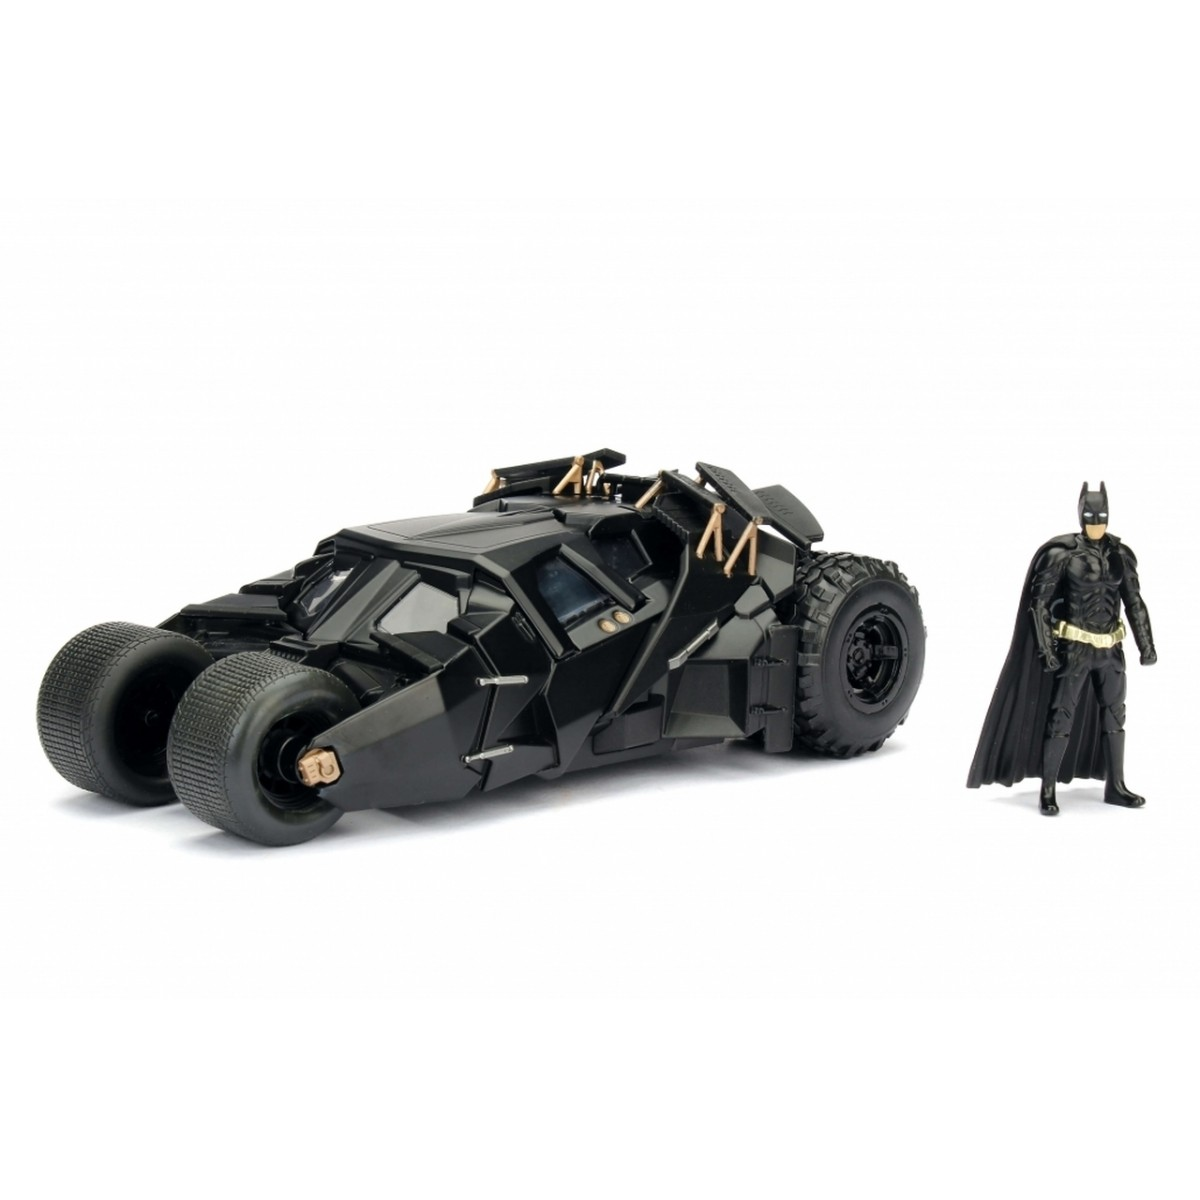 Metals Die Cast Batmobile The Dark Knight: Batman: O Cavaleiro das Trevas com Miniatura do Batman Escala 1/24 - DTC